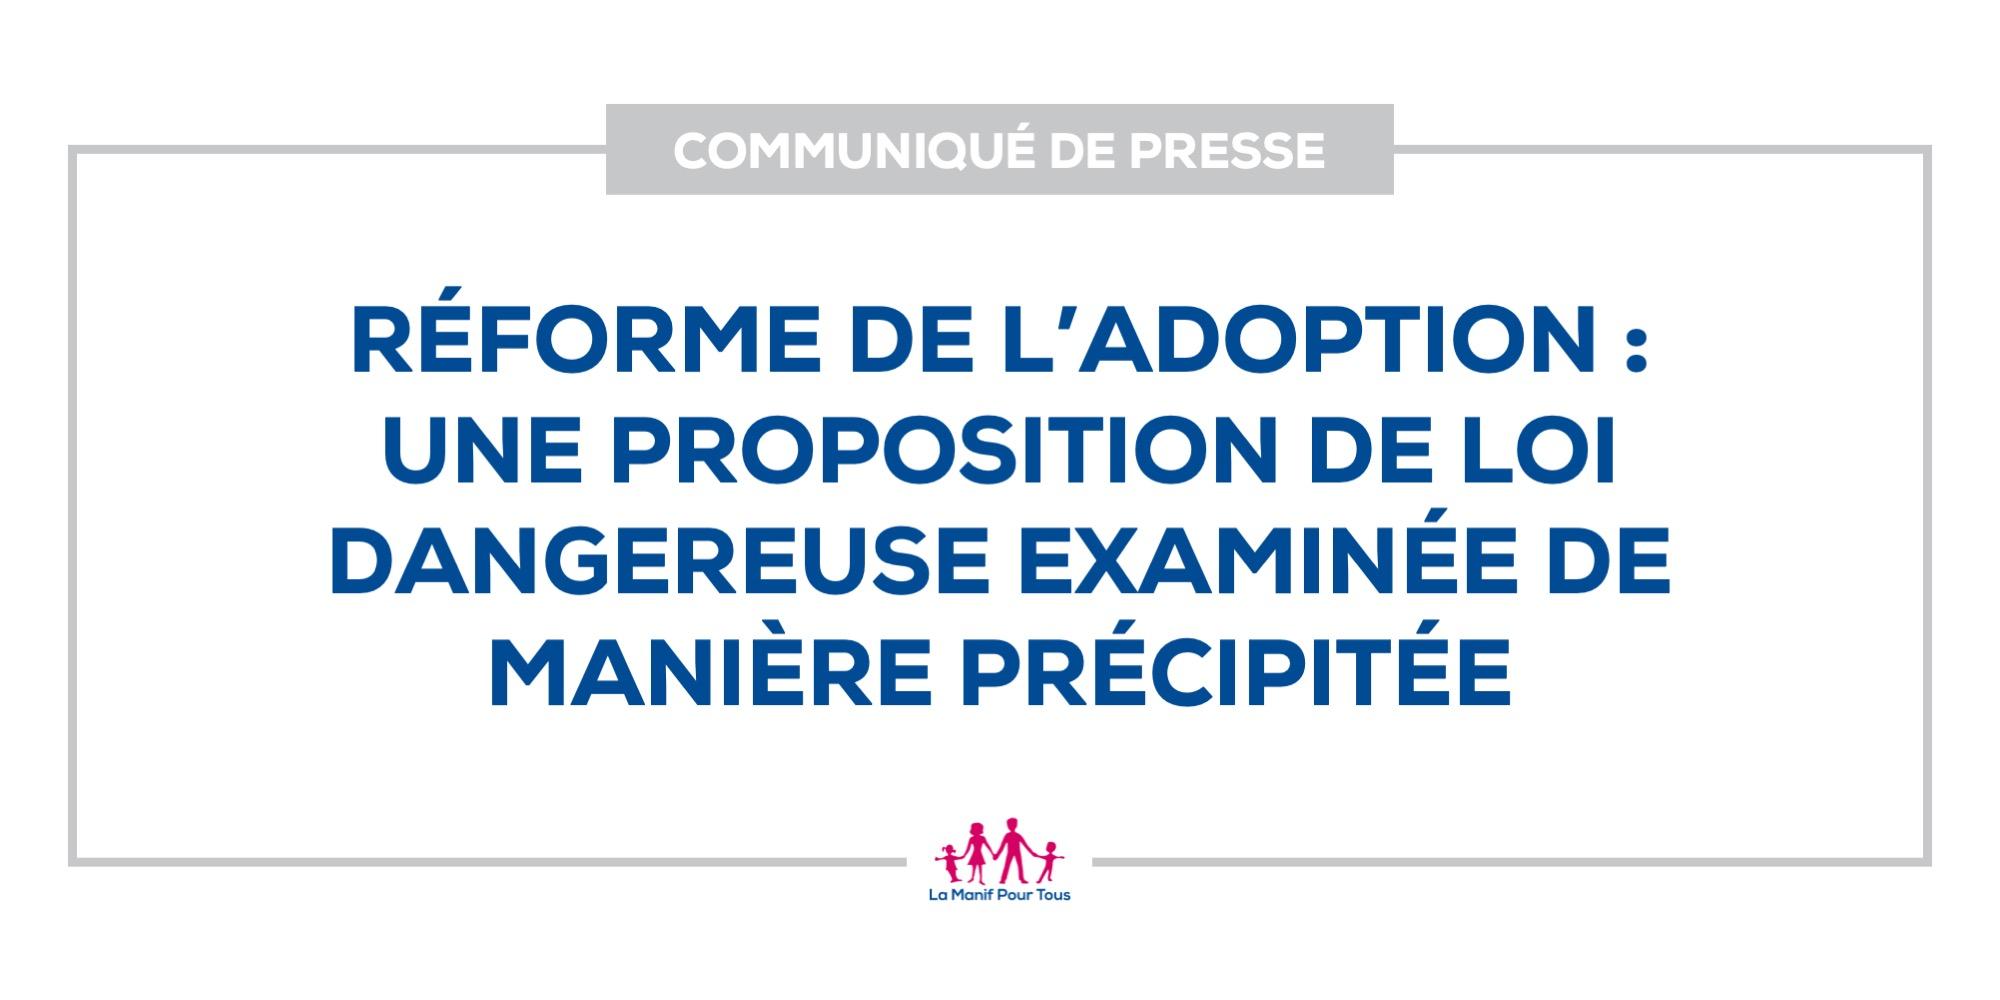 Image - Réforme de l'adoption : une proposition de loi dangereuse examinée de manière précipitée